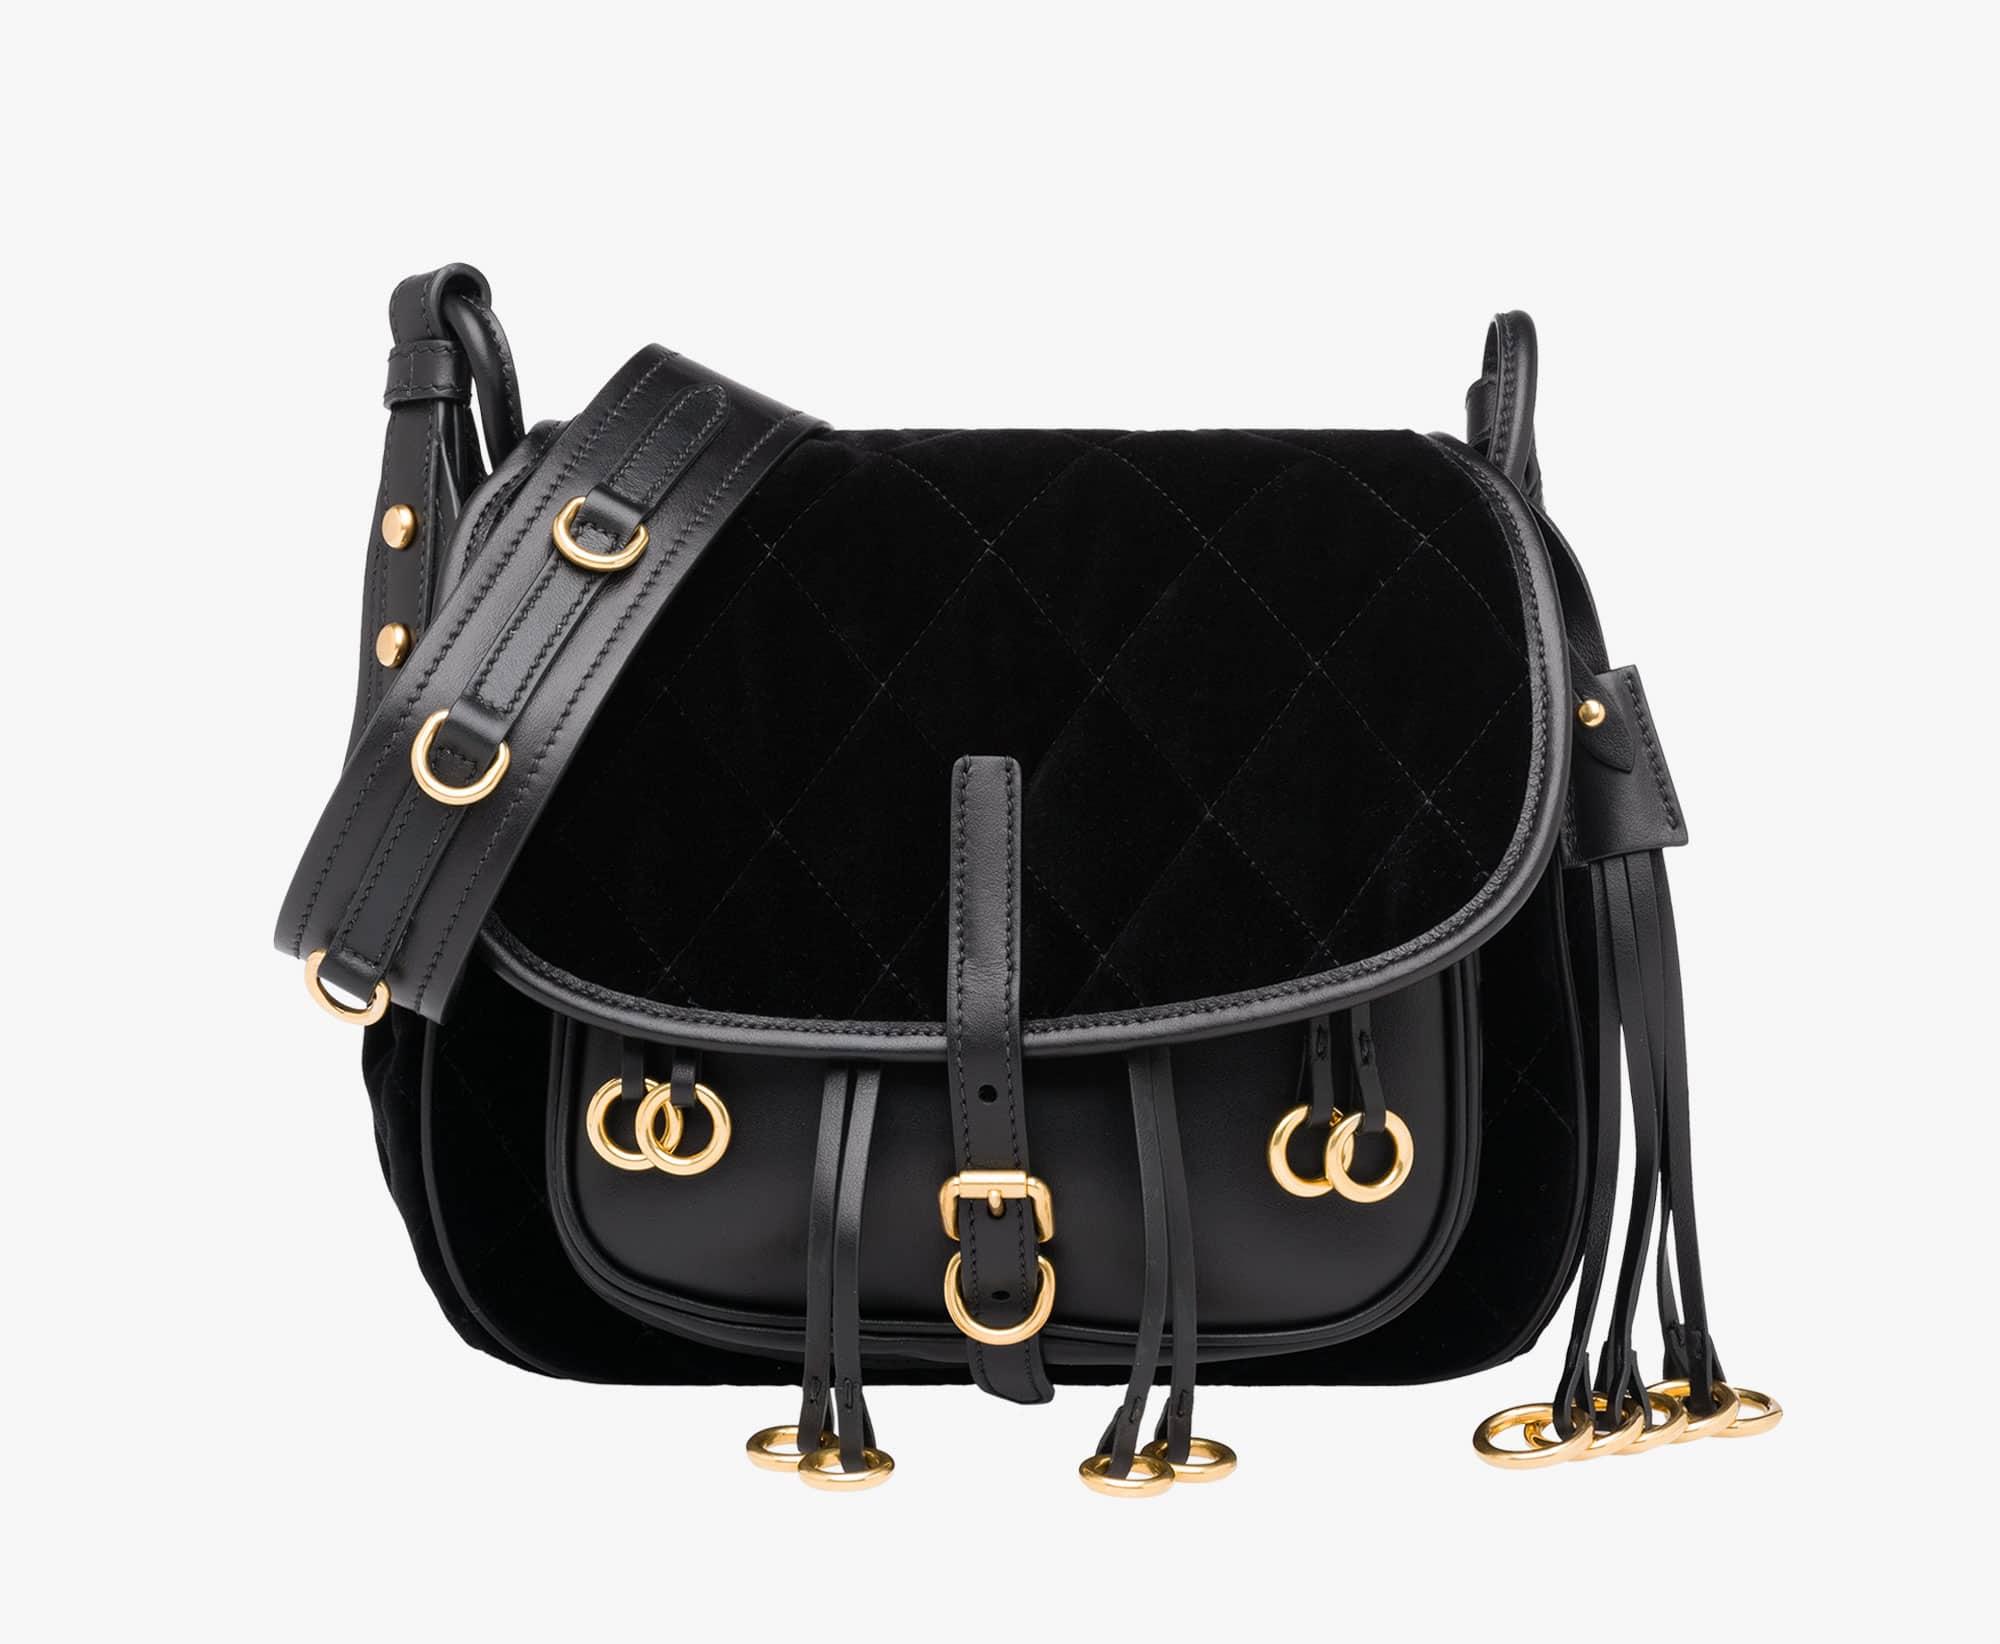 b29e7ce81c1d Prada Black Calf Leather Velvet Corsaire Bag